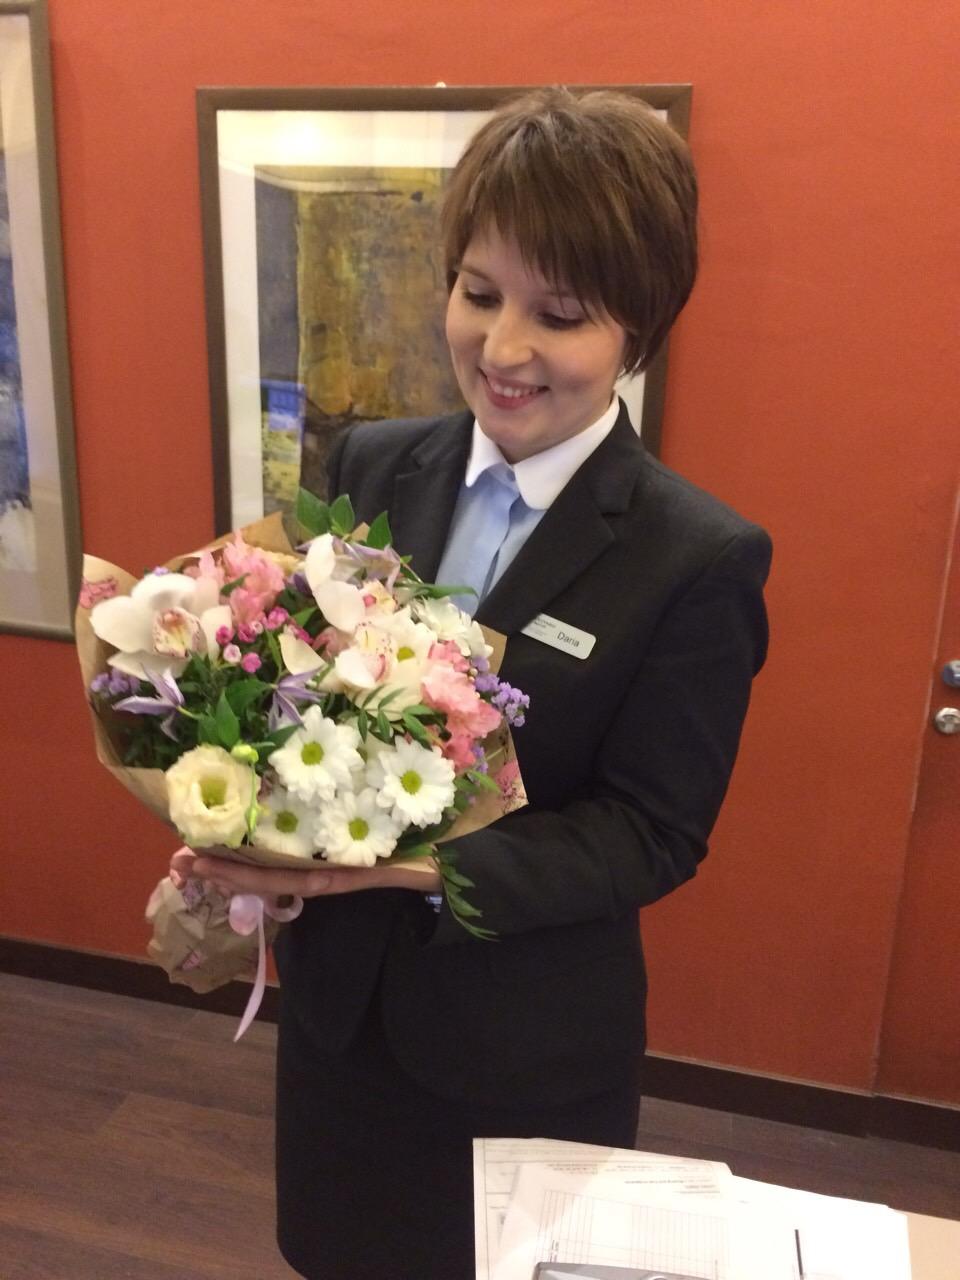 купить цветы, корпоративные цветы